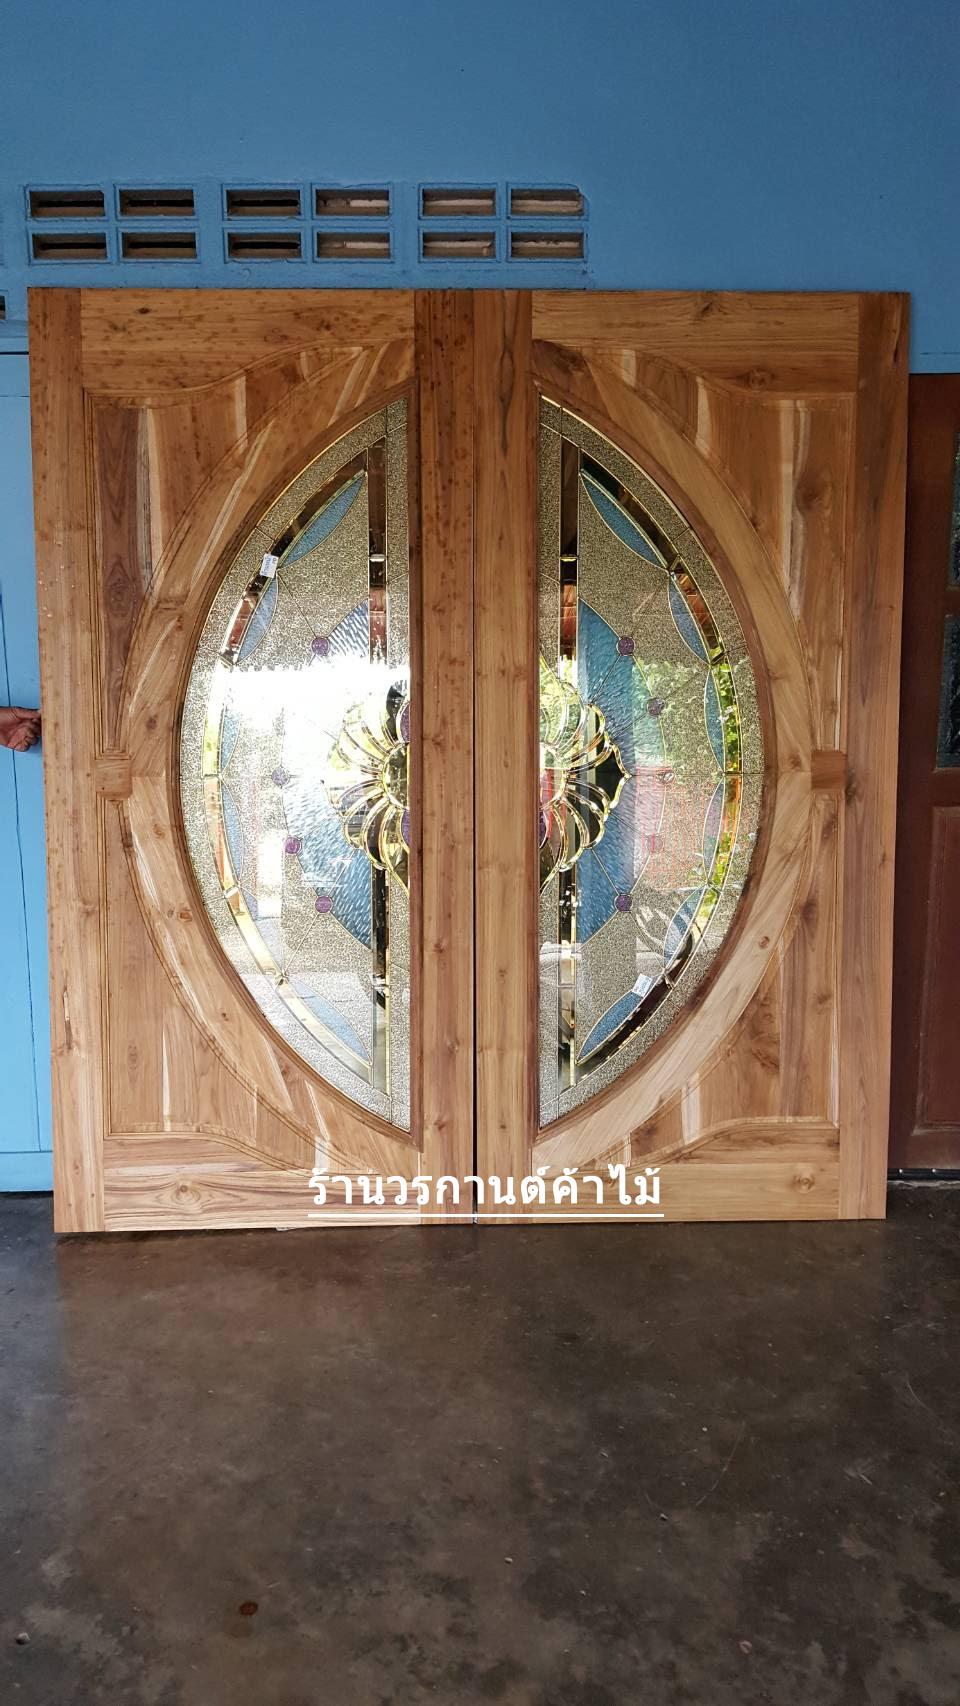 ประตูไม้สักกระจกนิรภัยแตงโมเต็มบาน เกรดB+, B รหัส AB01